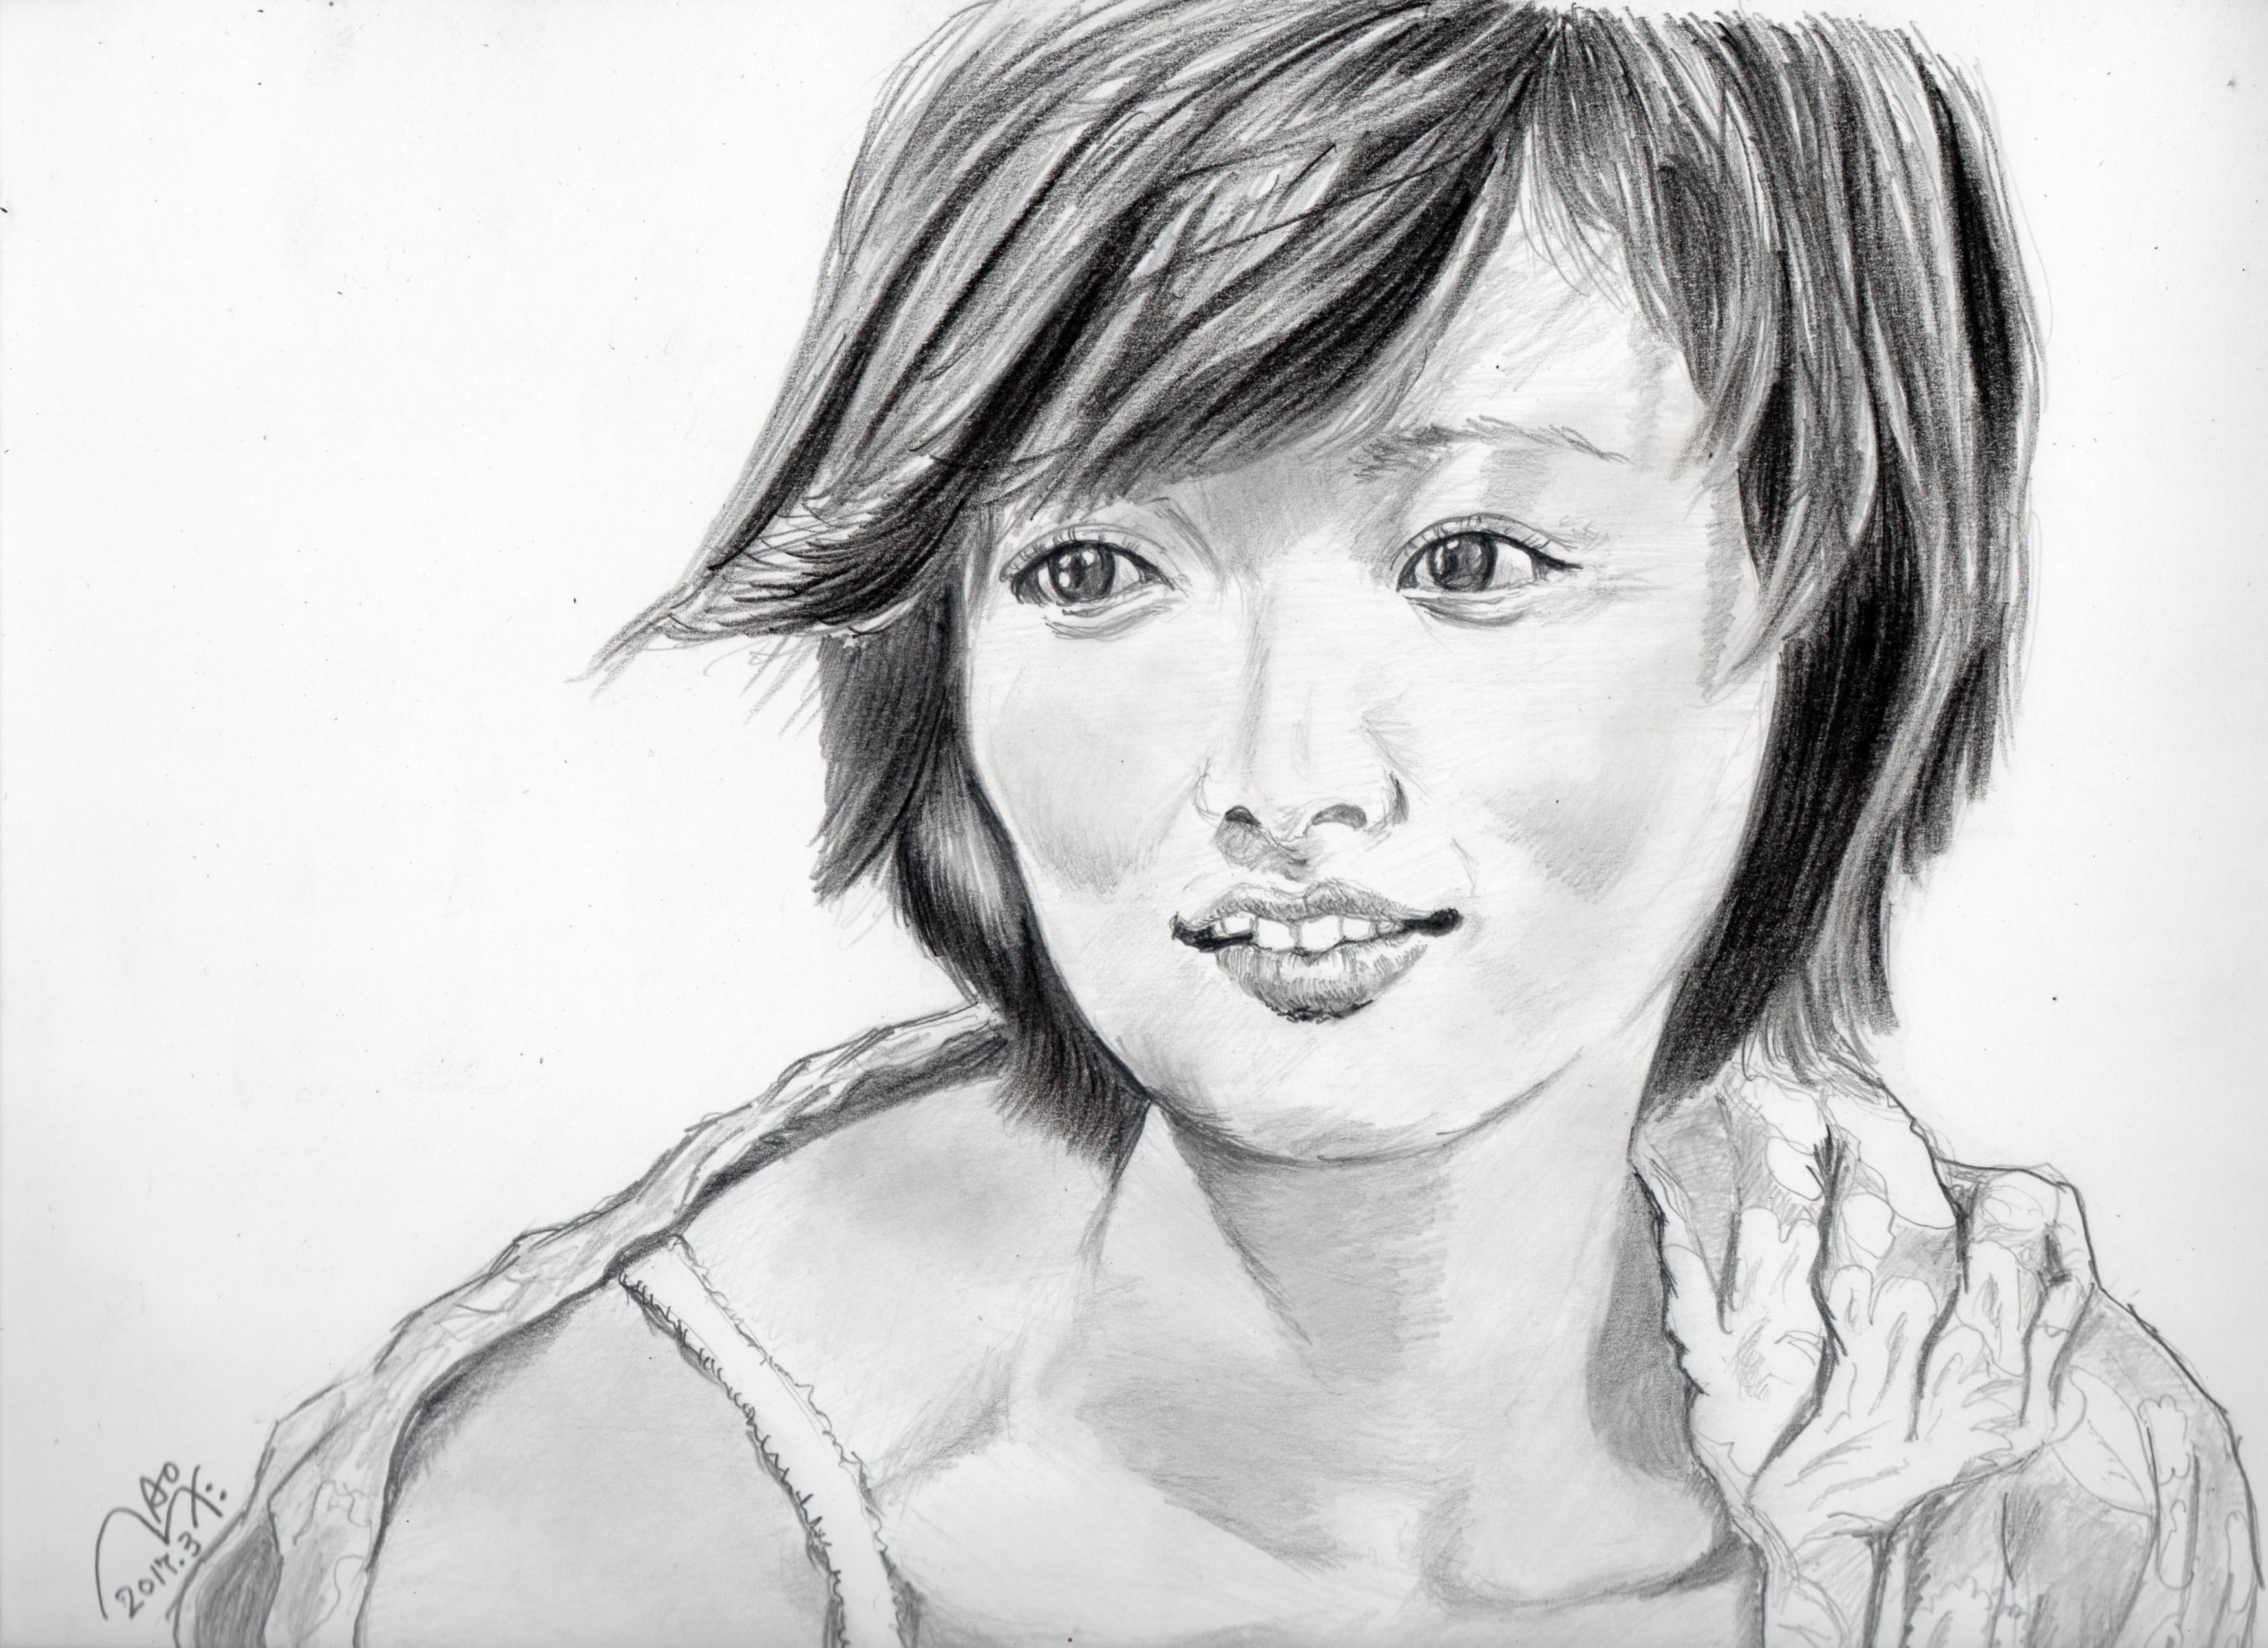 夏菜の鉛筆画似顔絵